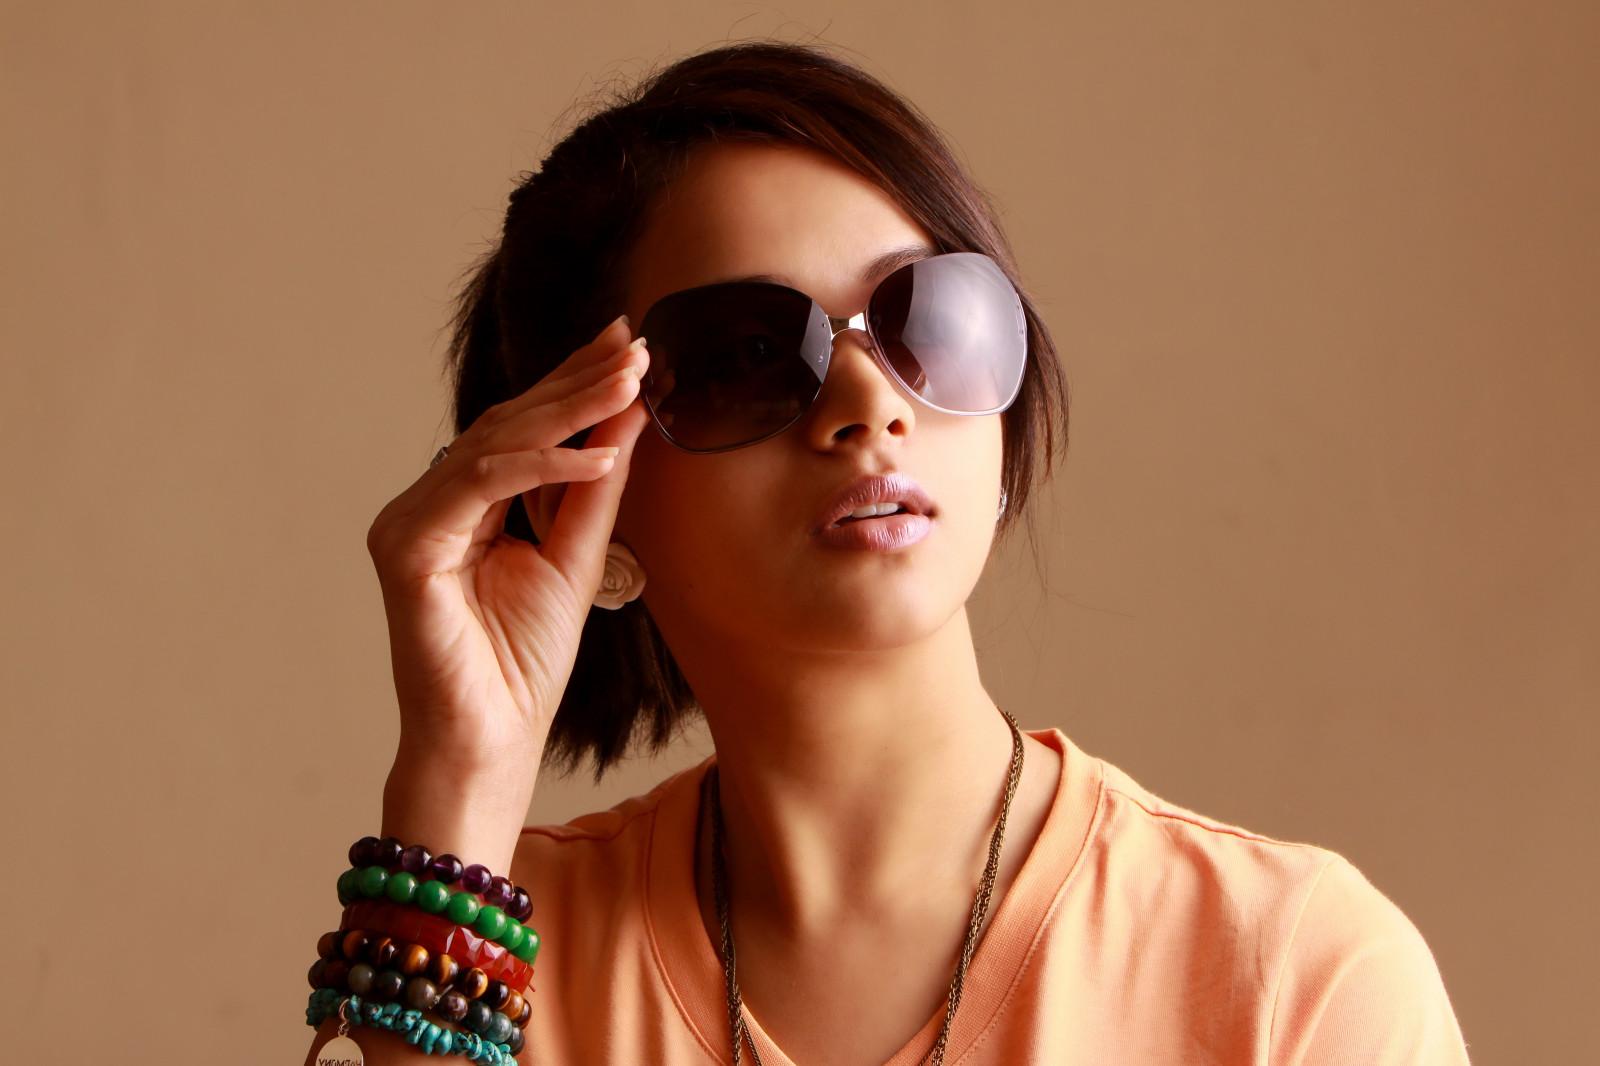 бы, фото телок в солнечных очках все